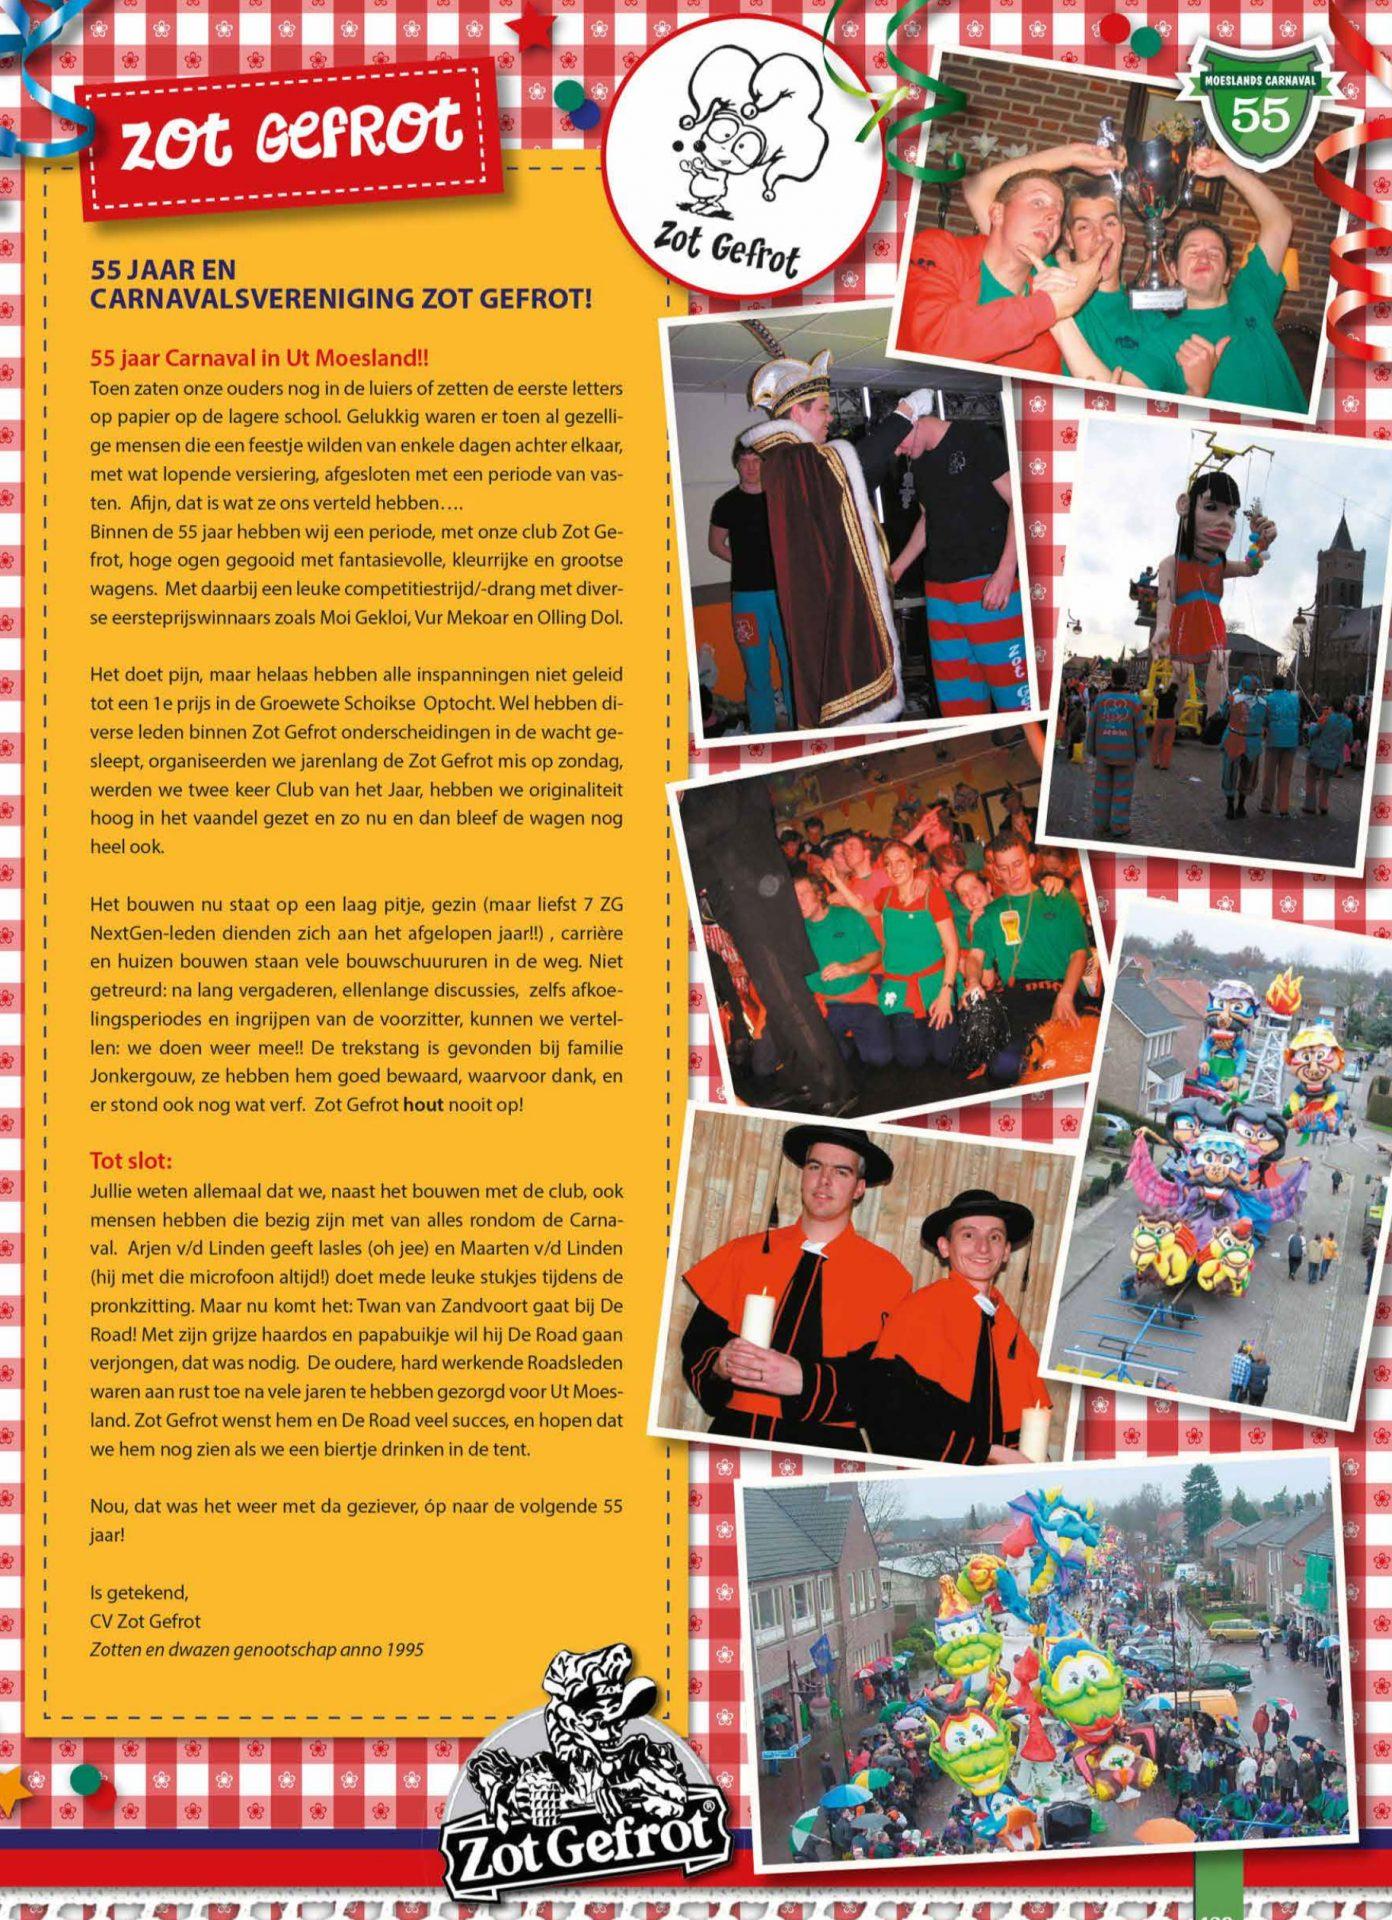 Stukje uit de carnavalskrant van Zot Gefrot - 2013